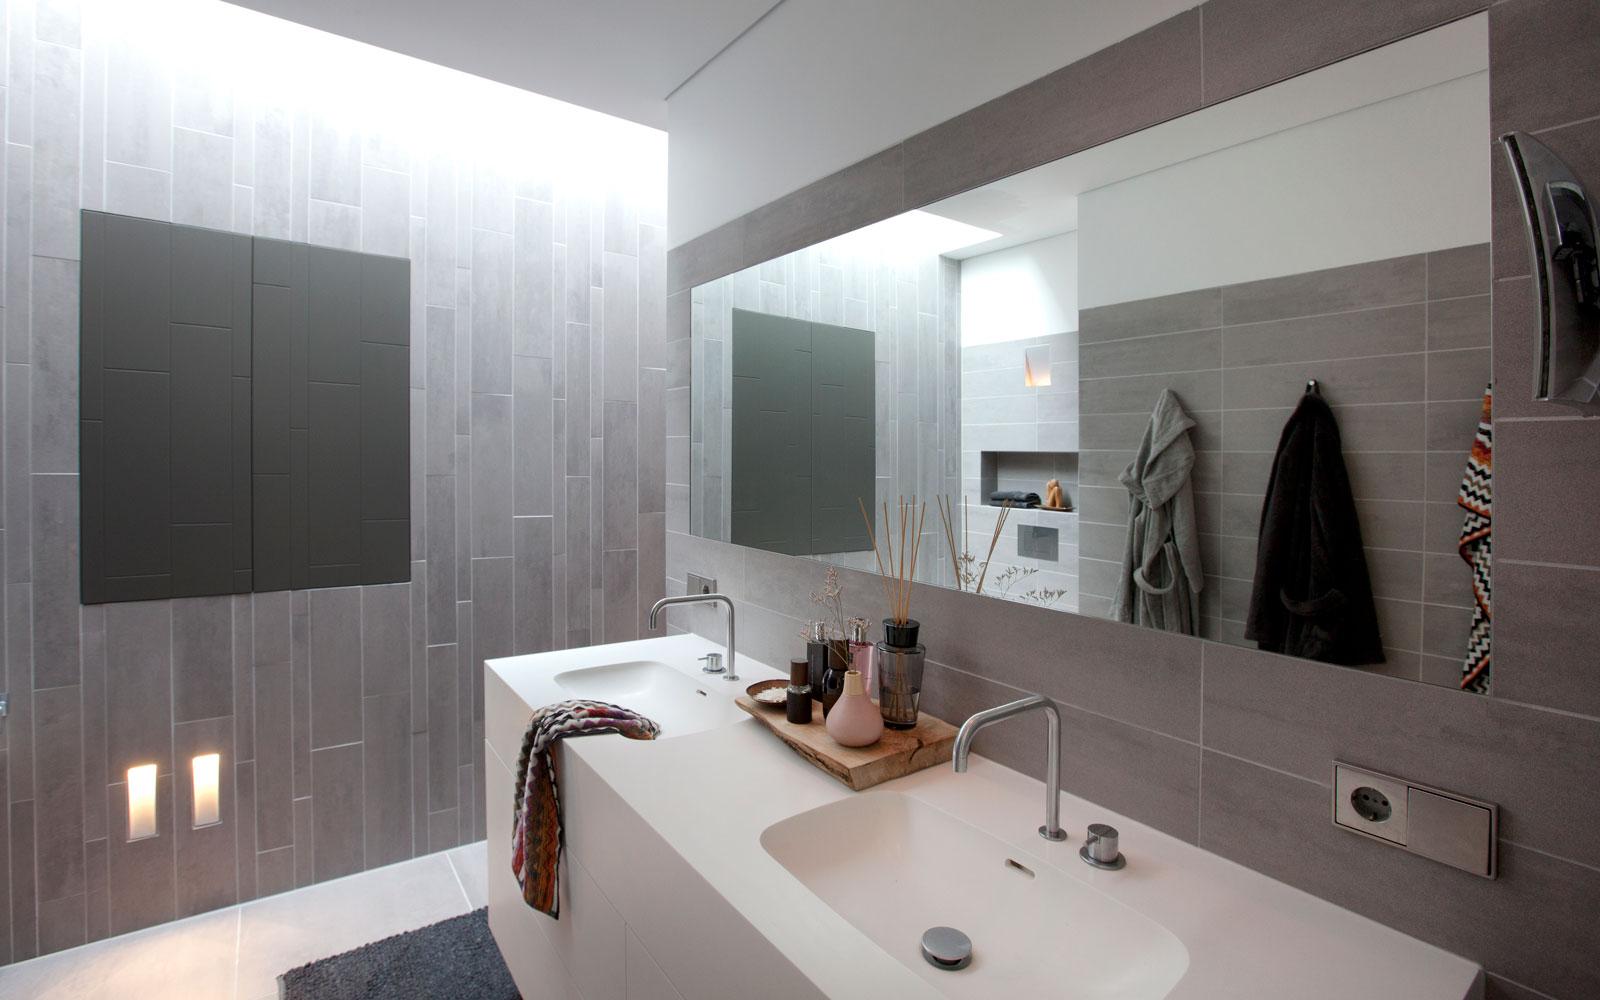 Badkamer, dakraam, natuurlijk daglicht, tegelwerk Mosa, Penthouse Den haag, Marco van Zal